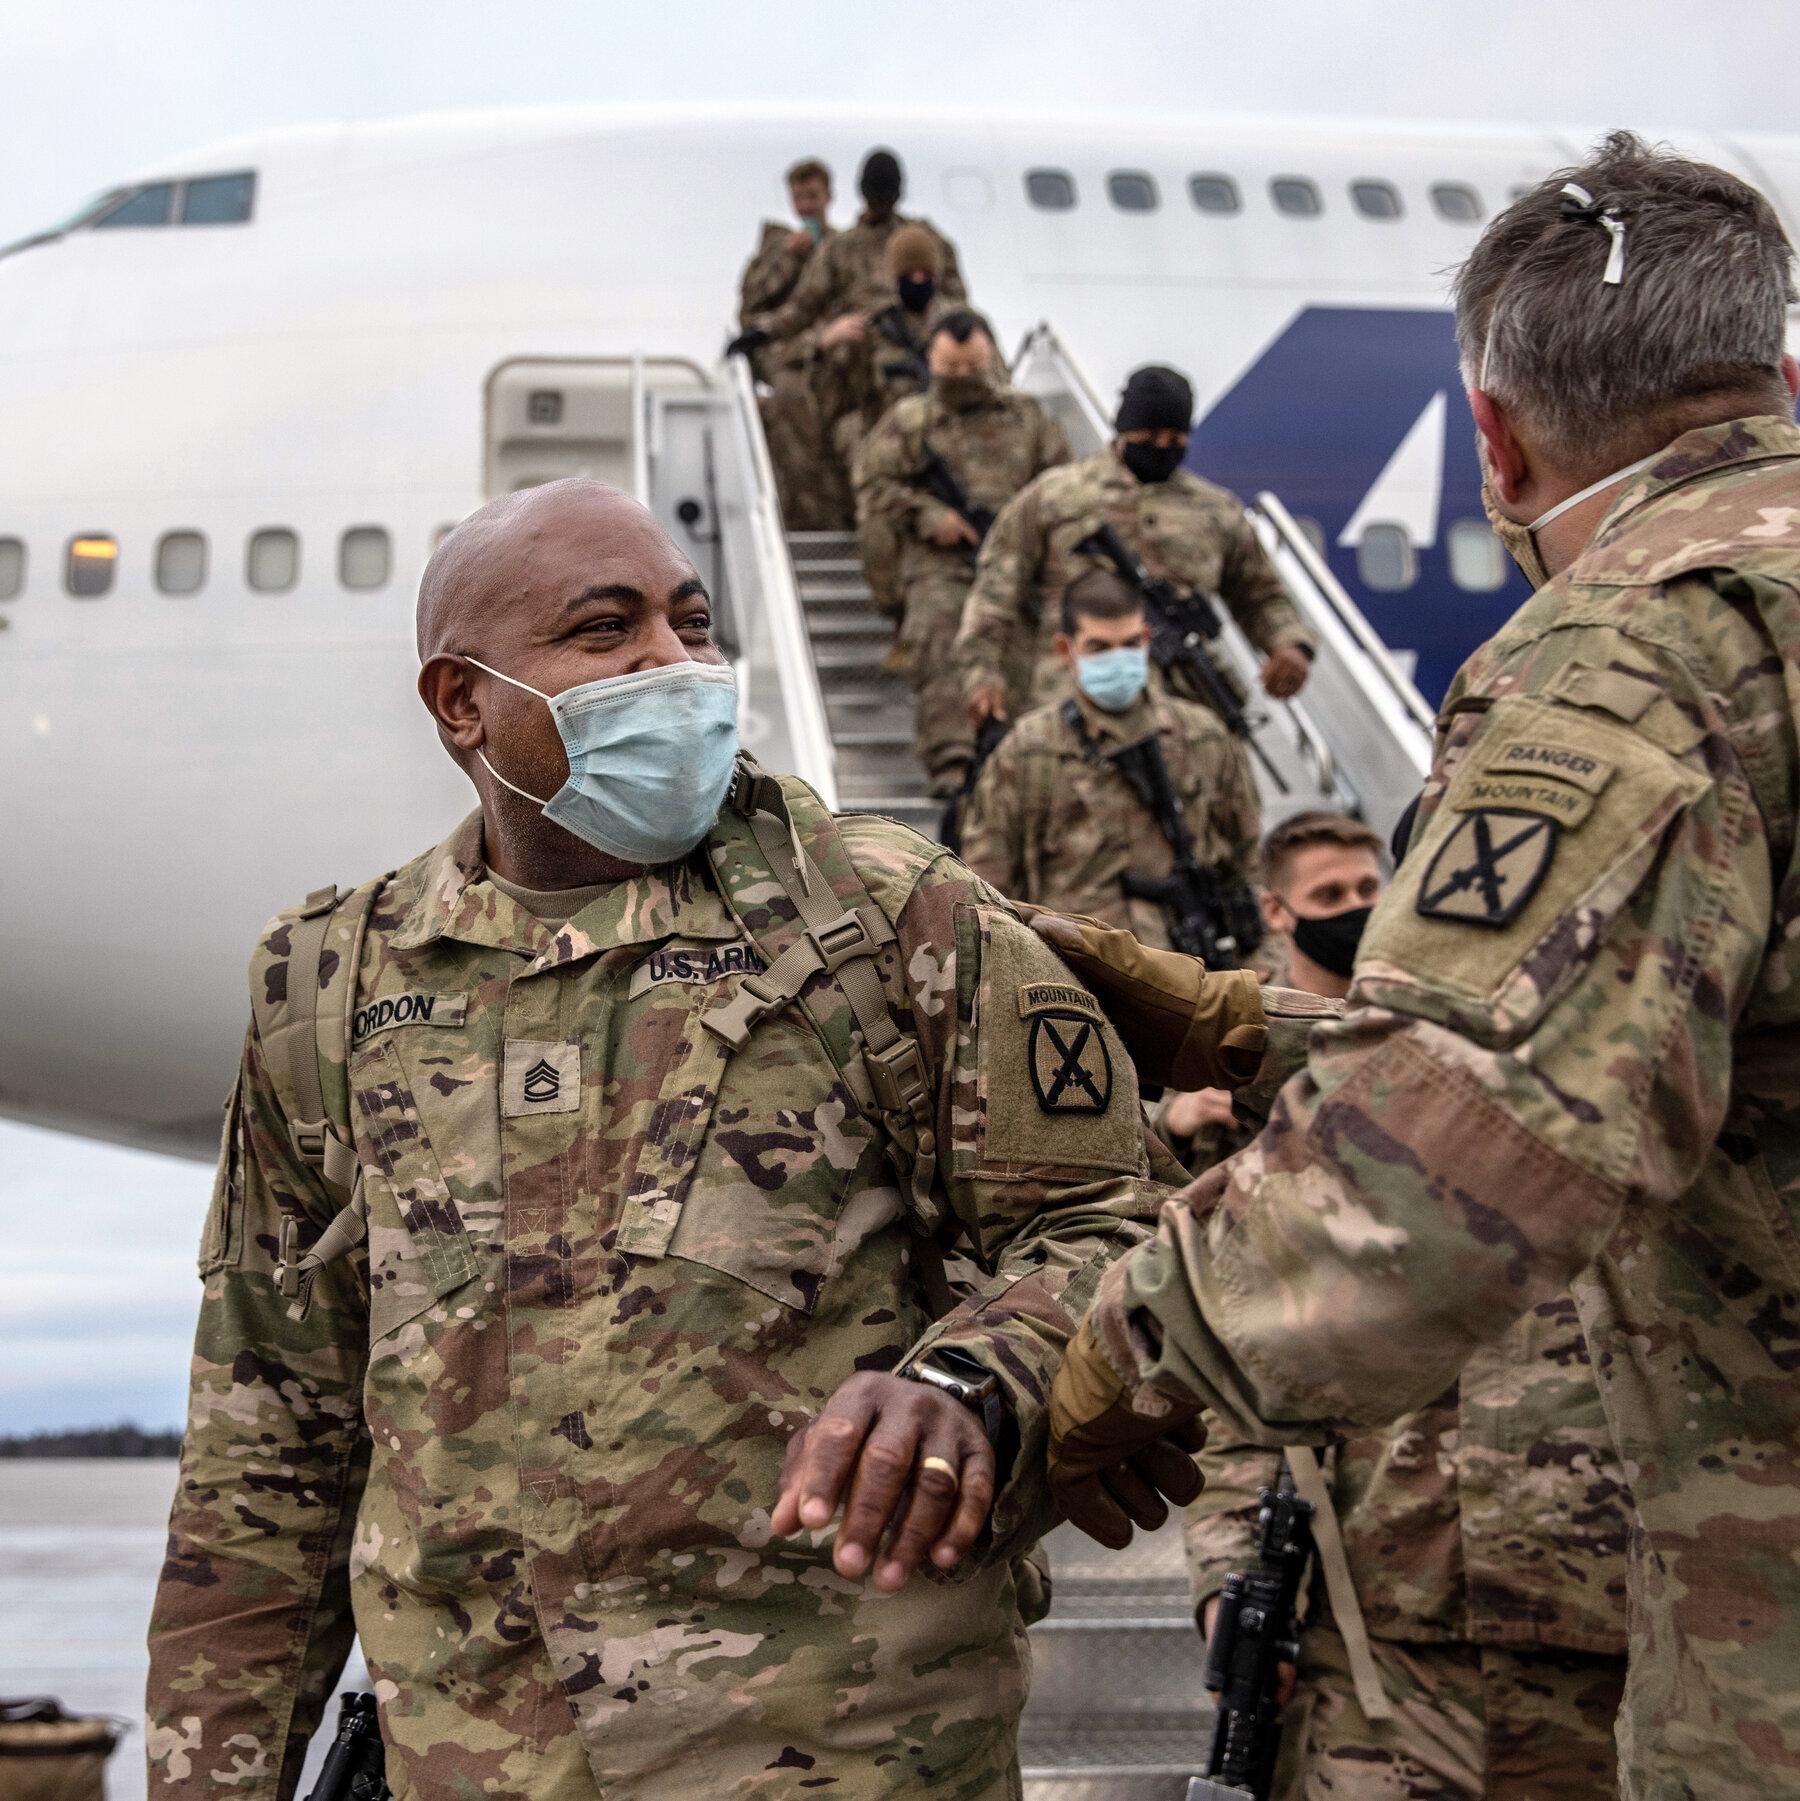 अमरीका की अफगाणिस्तान से सेनावापसी की घोषणा और भारत